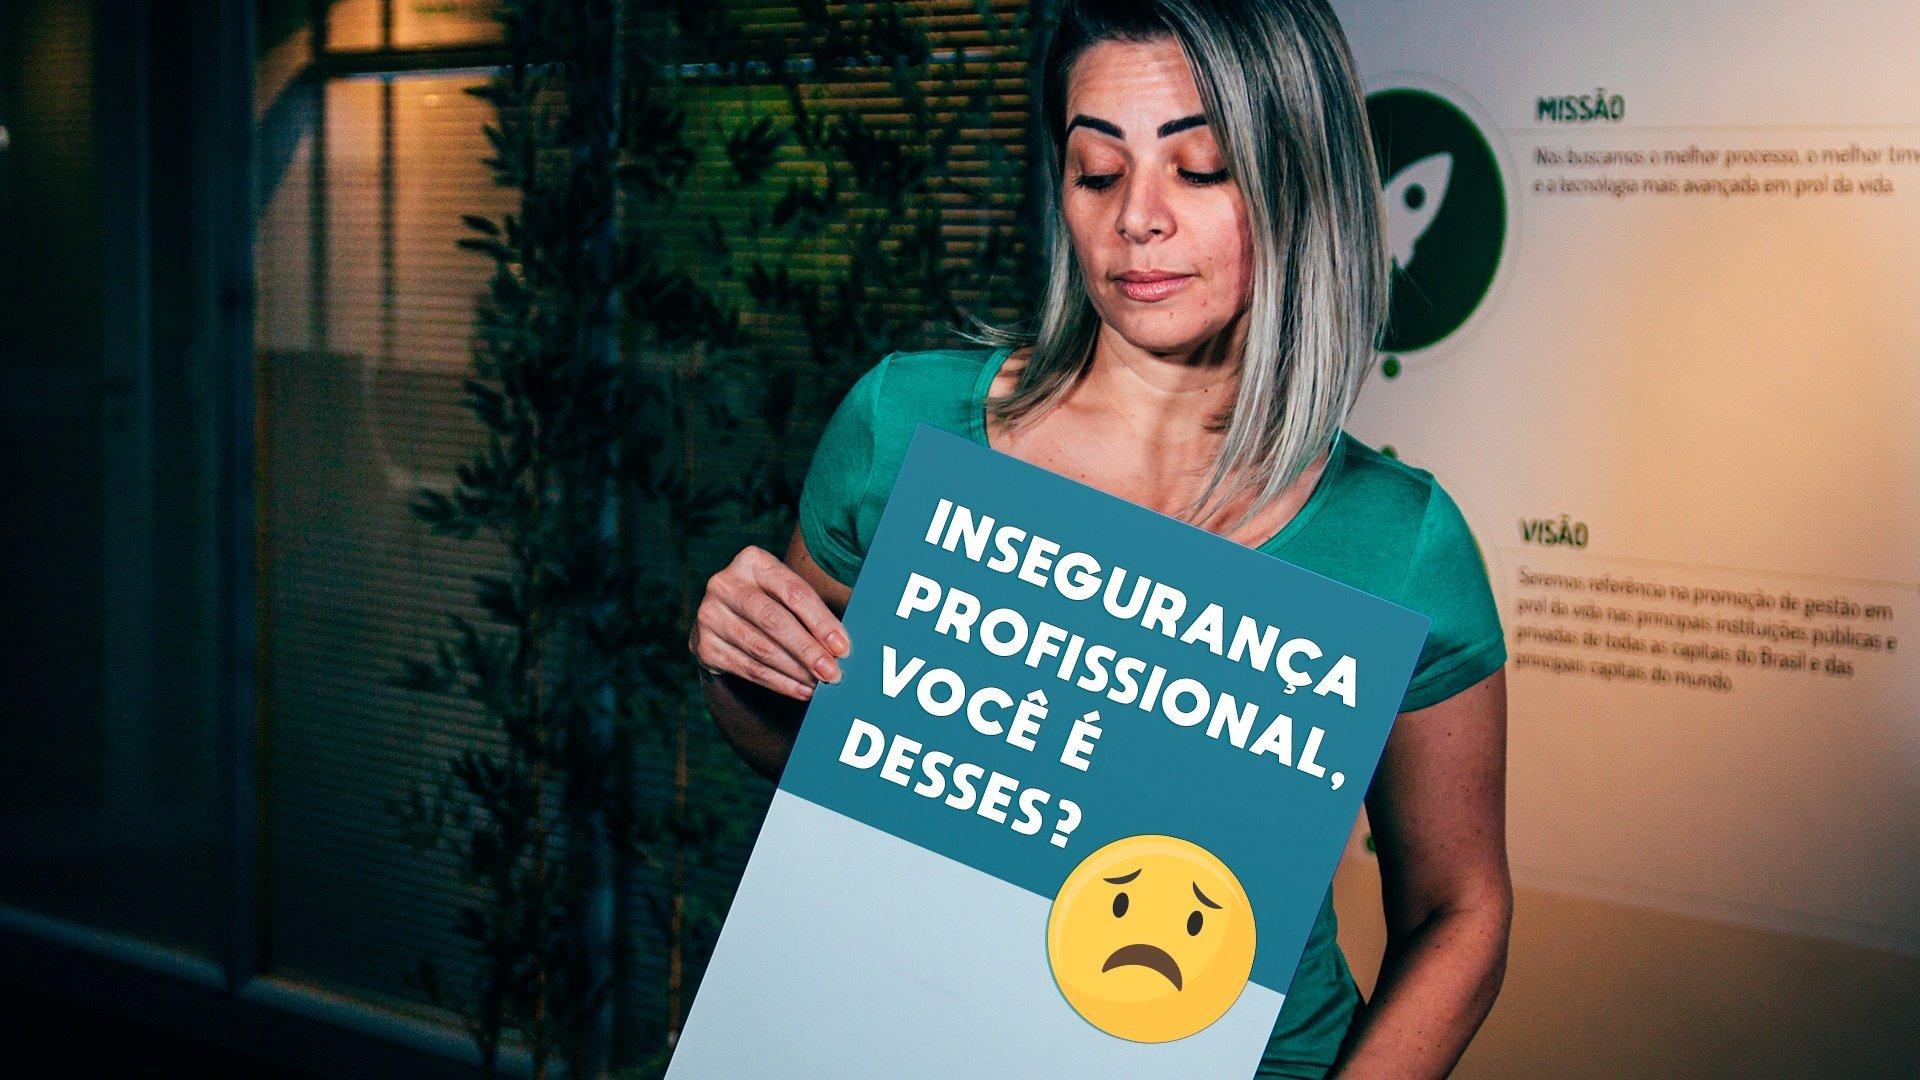 Como a insegurança profissional pode afetar a carreira?